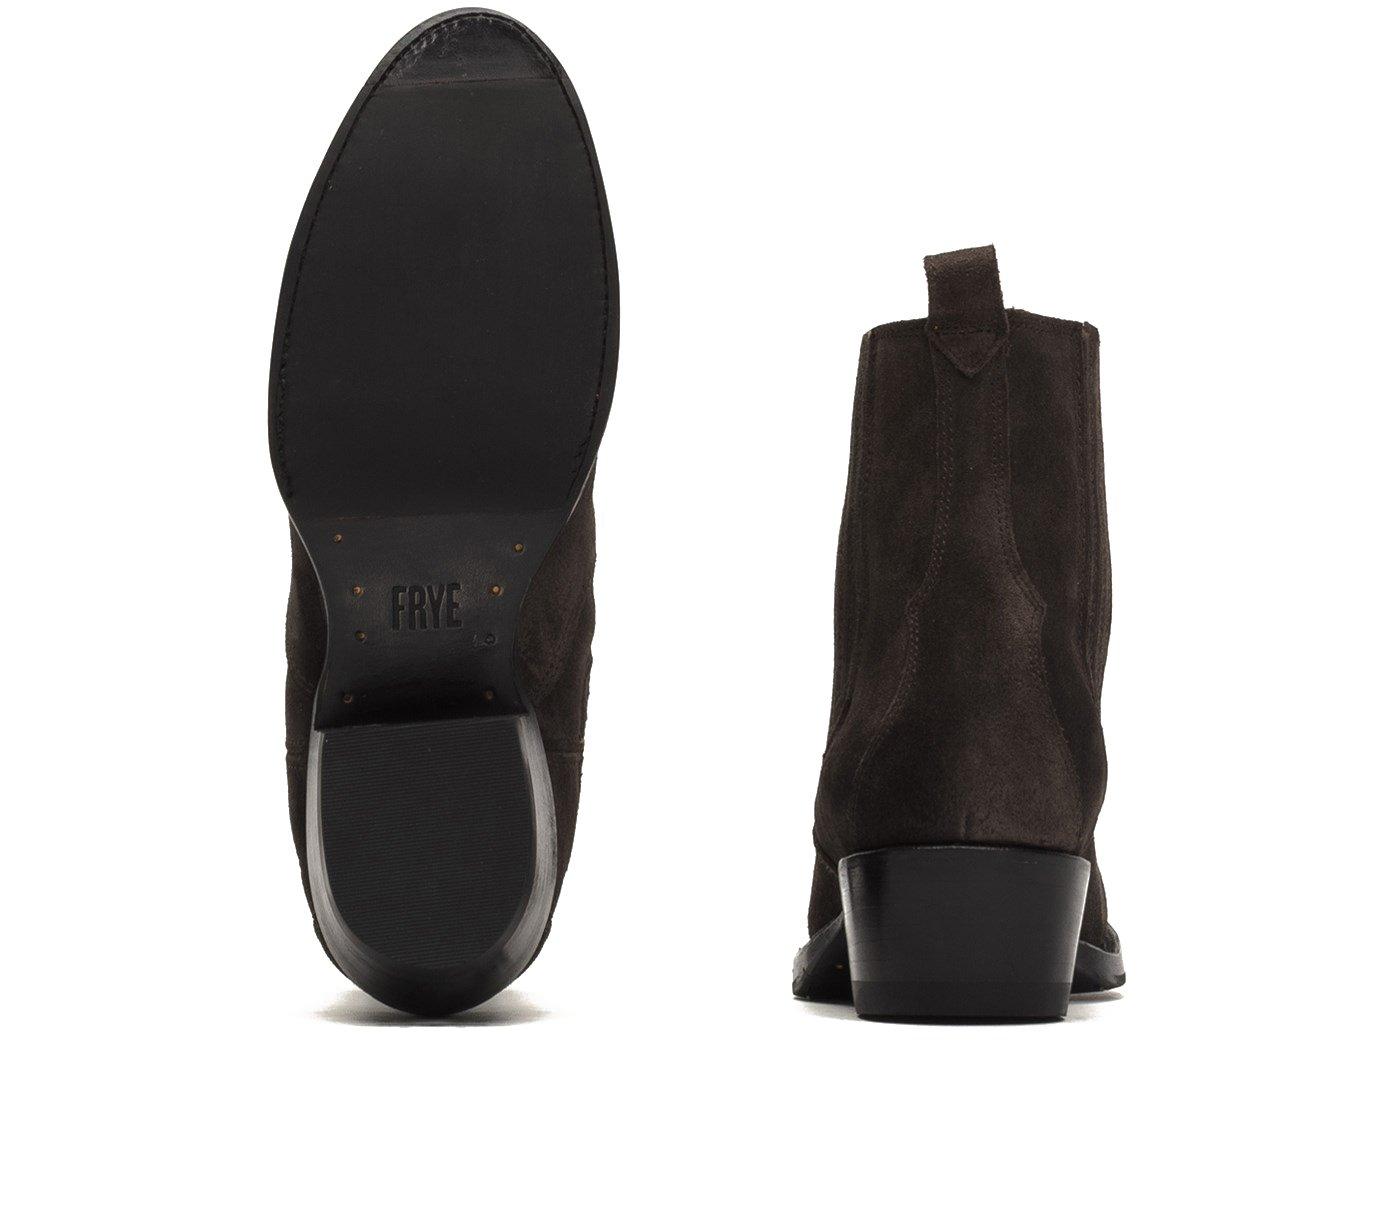 FRYE Women's Diana Chelsea Boot B077YN86KZ 7.5 B(M) US|Grigio